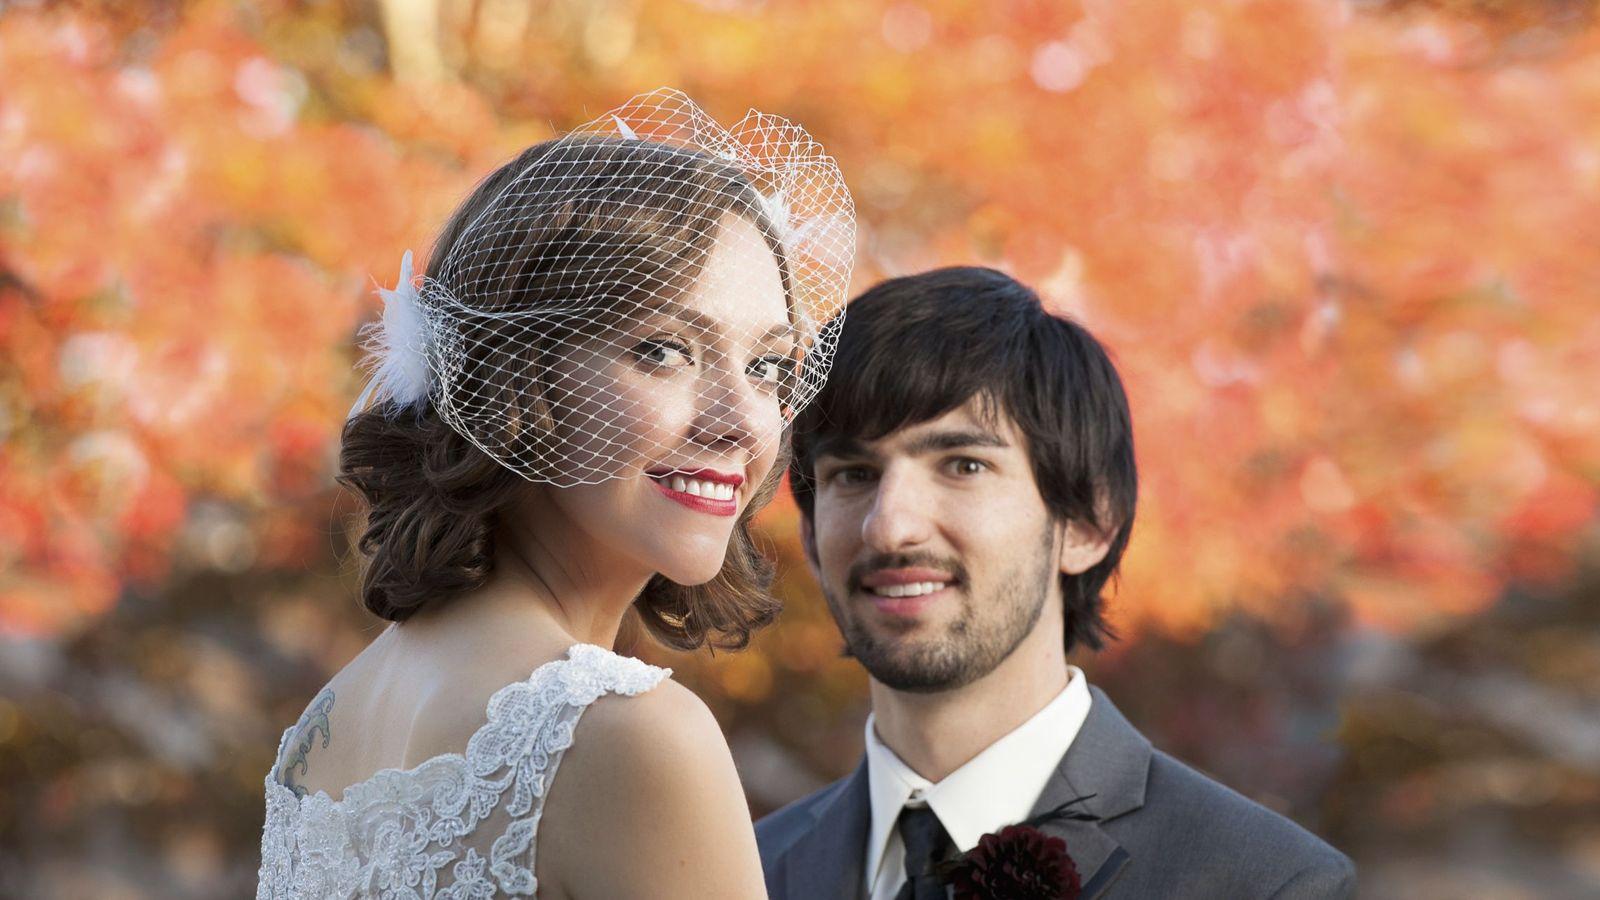 Foto: ¿Las parejas casadas son más infelices? (Natalie Fobes/Corbis)